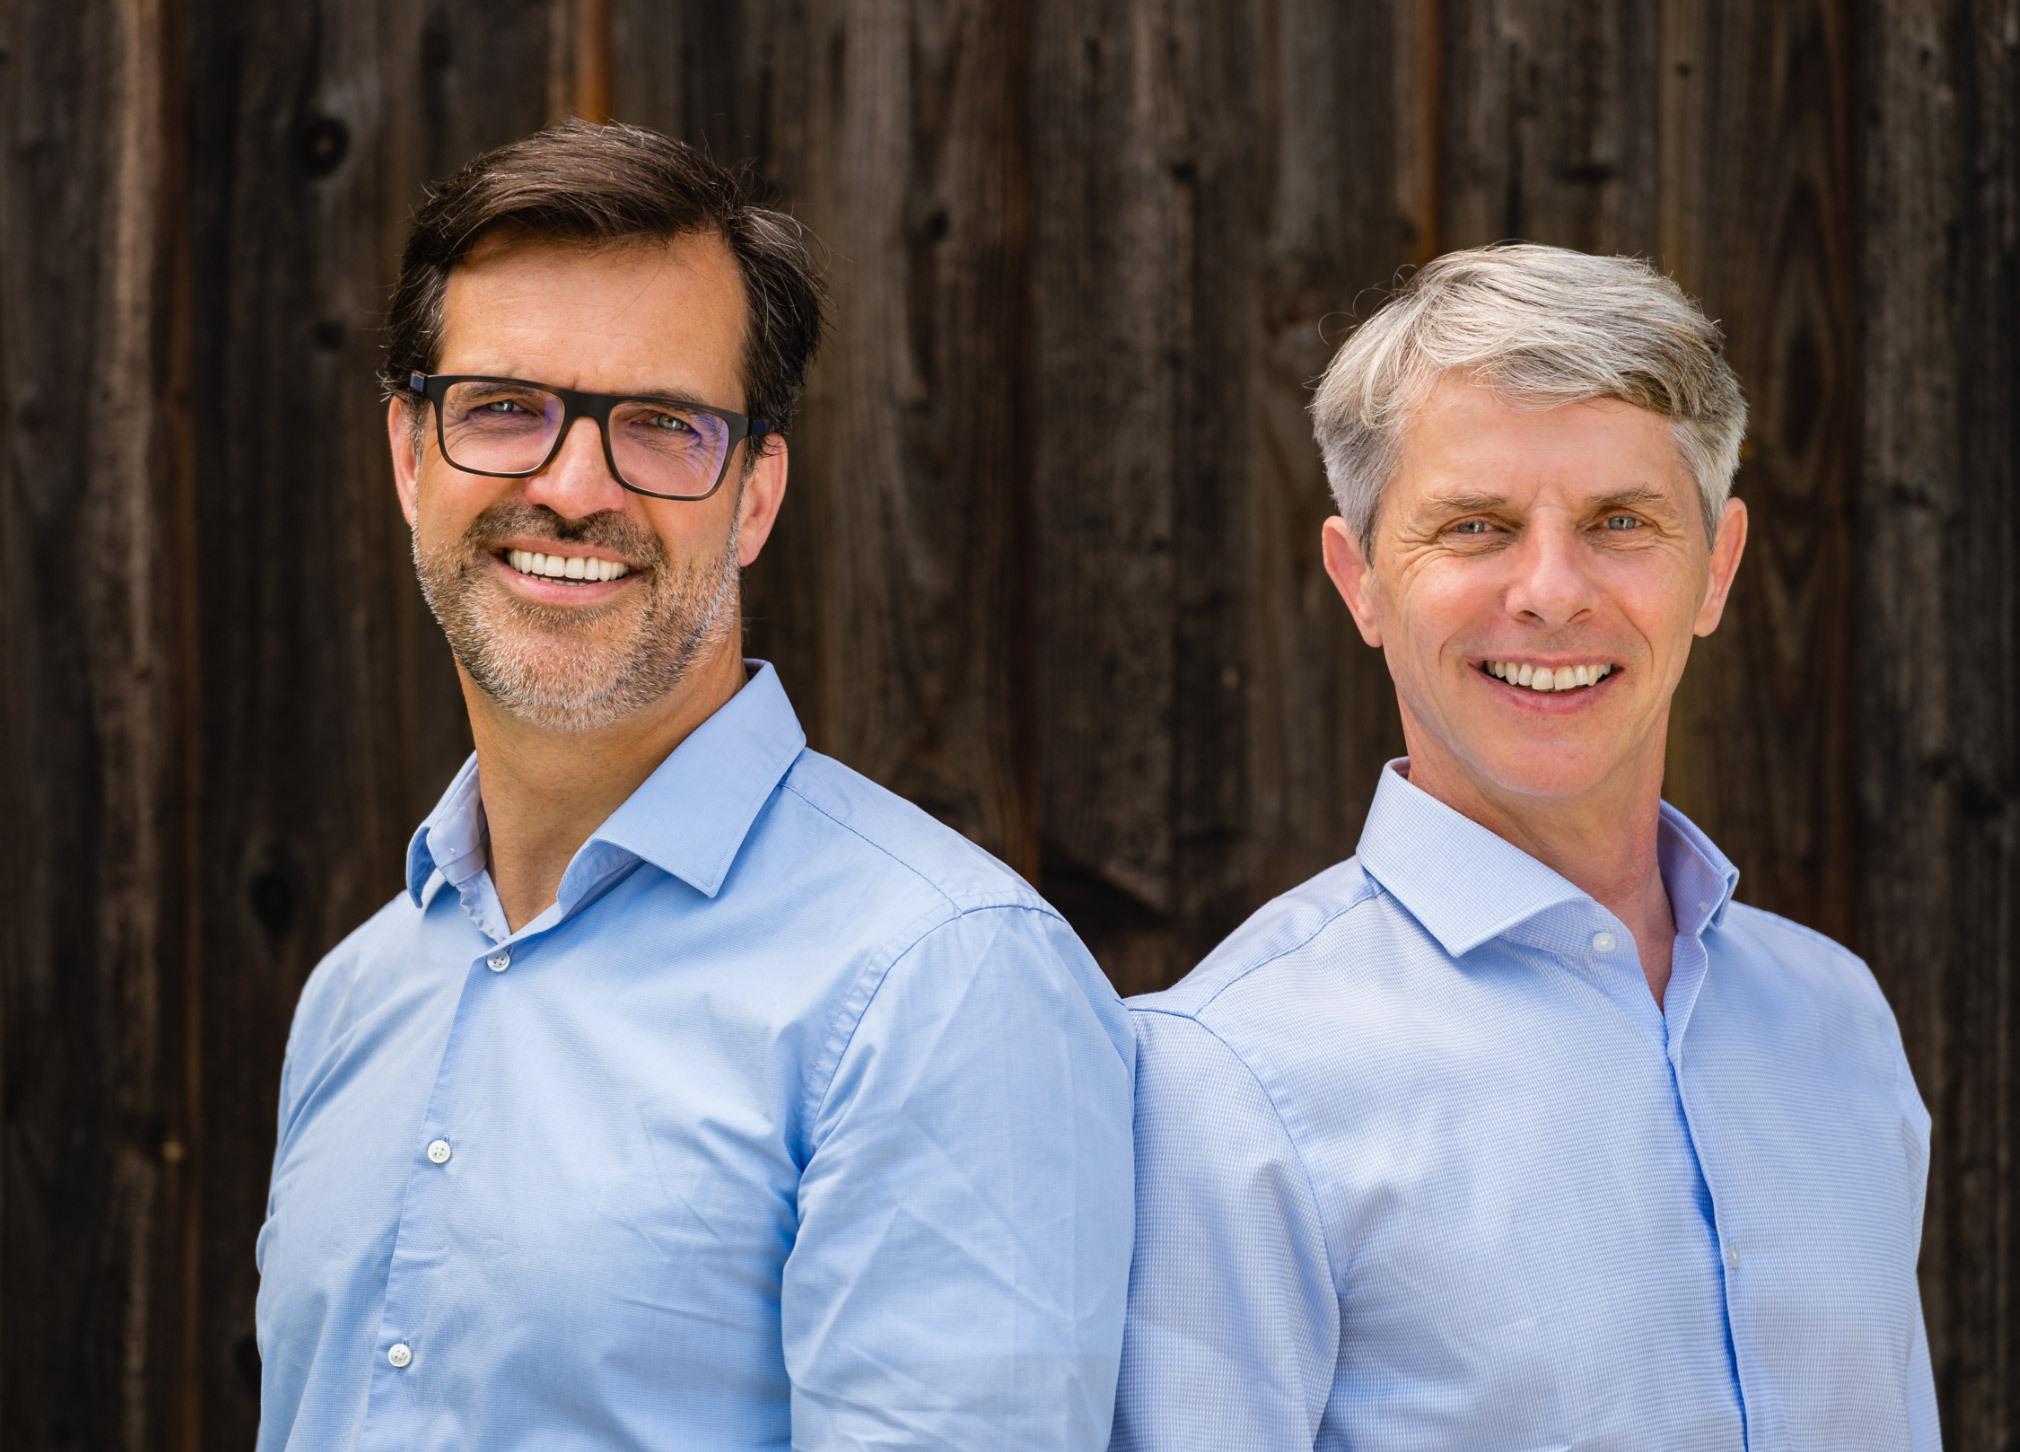 Marcus Bracht und Axel Thelen Die Geschäftsführer der Educcare Bildungskindertagesstätten gGmbH